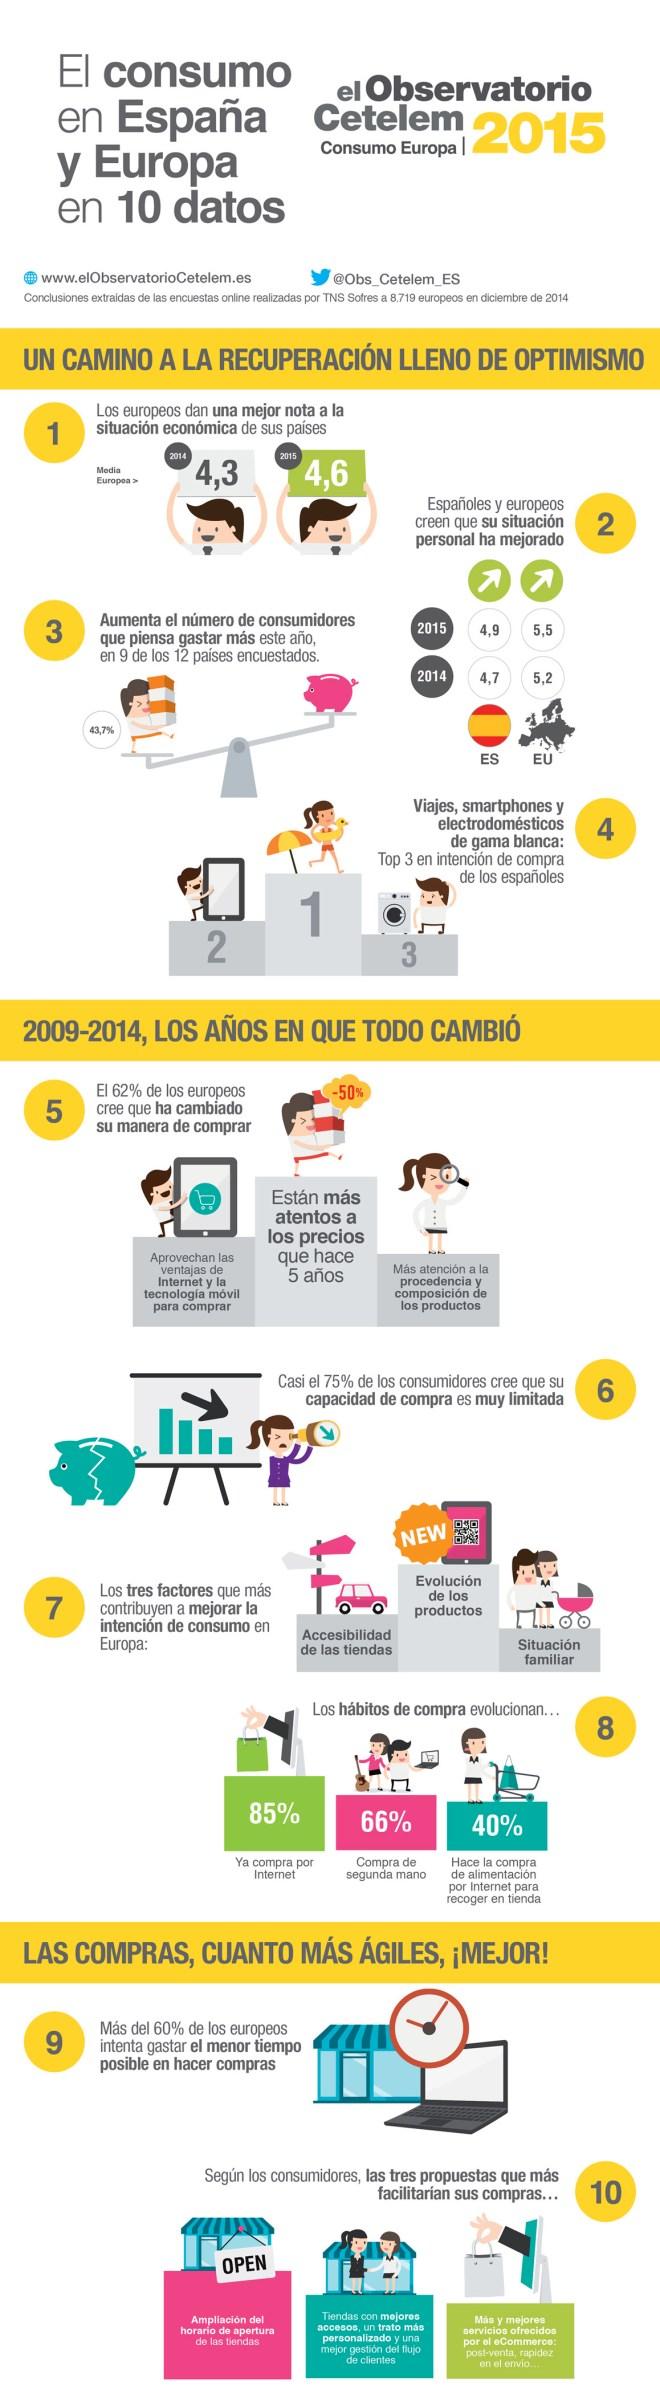 Consumo en España y Europa en 10 datos